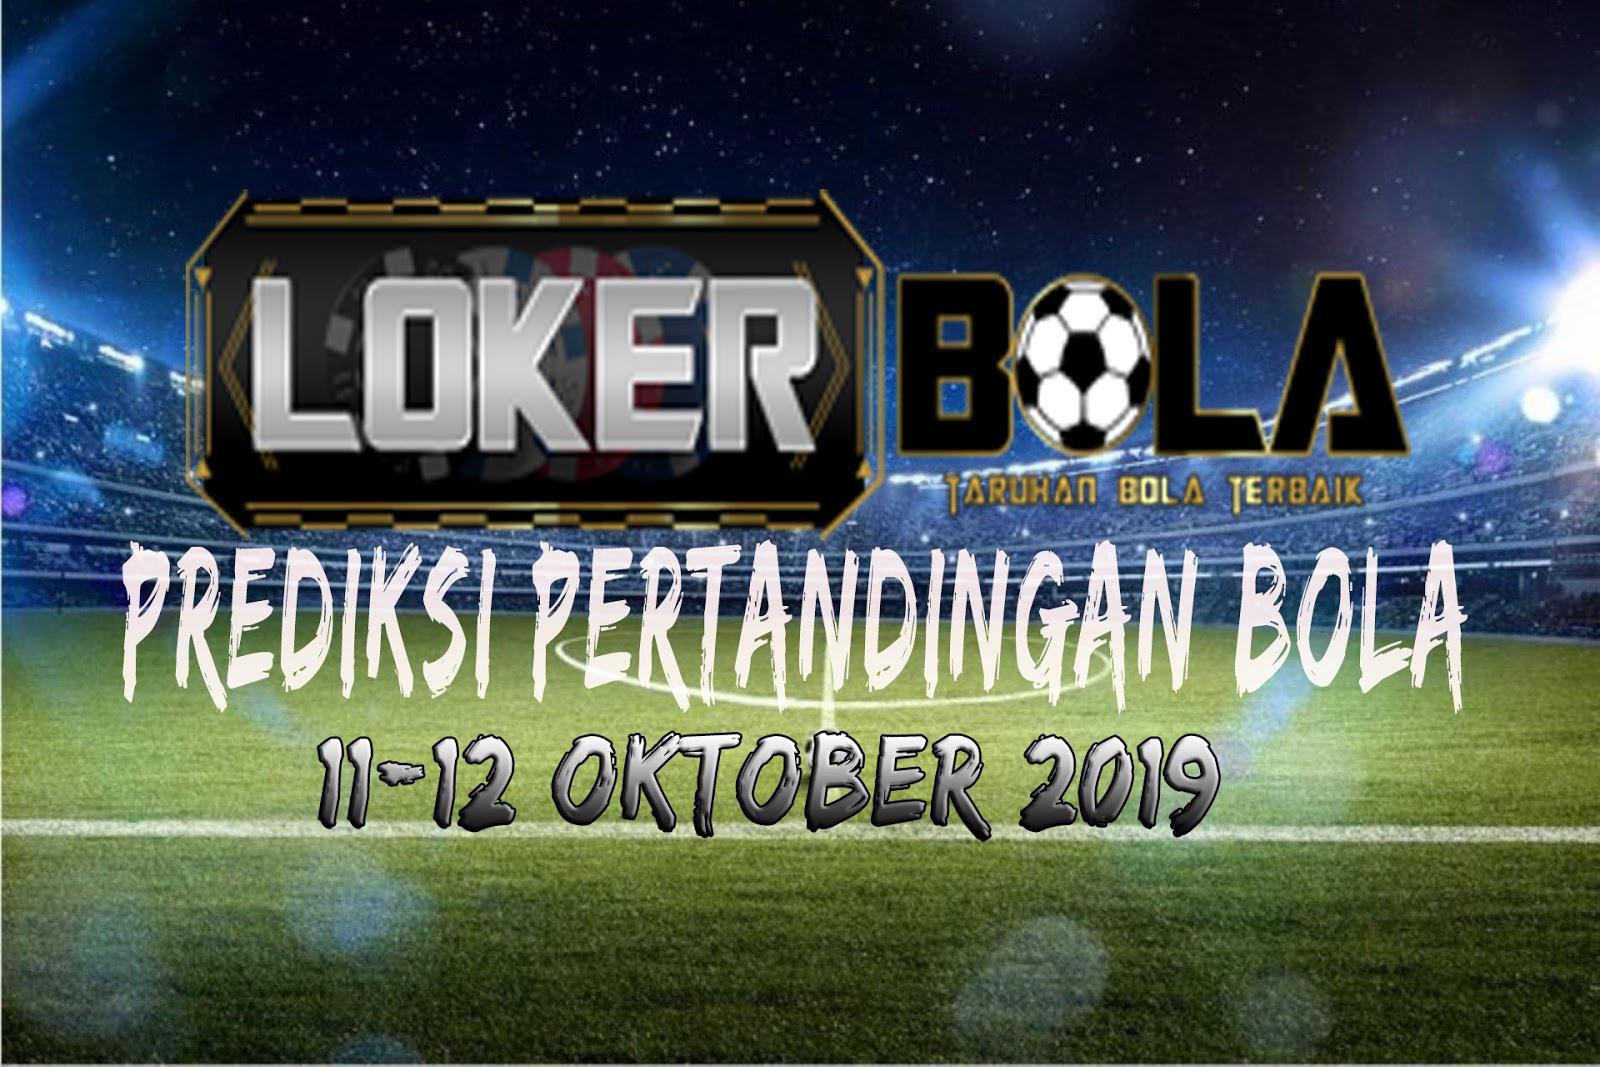 PREDIKSI PERTANDINGAN BOLA 11 – 12 OKTOBER 2019